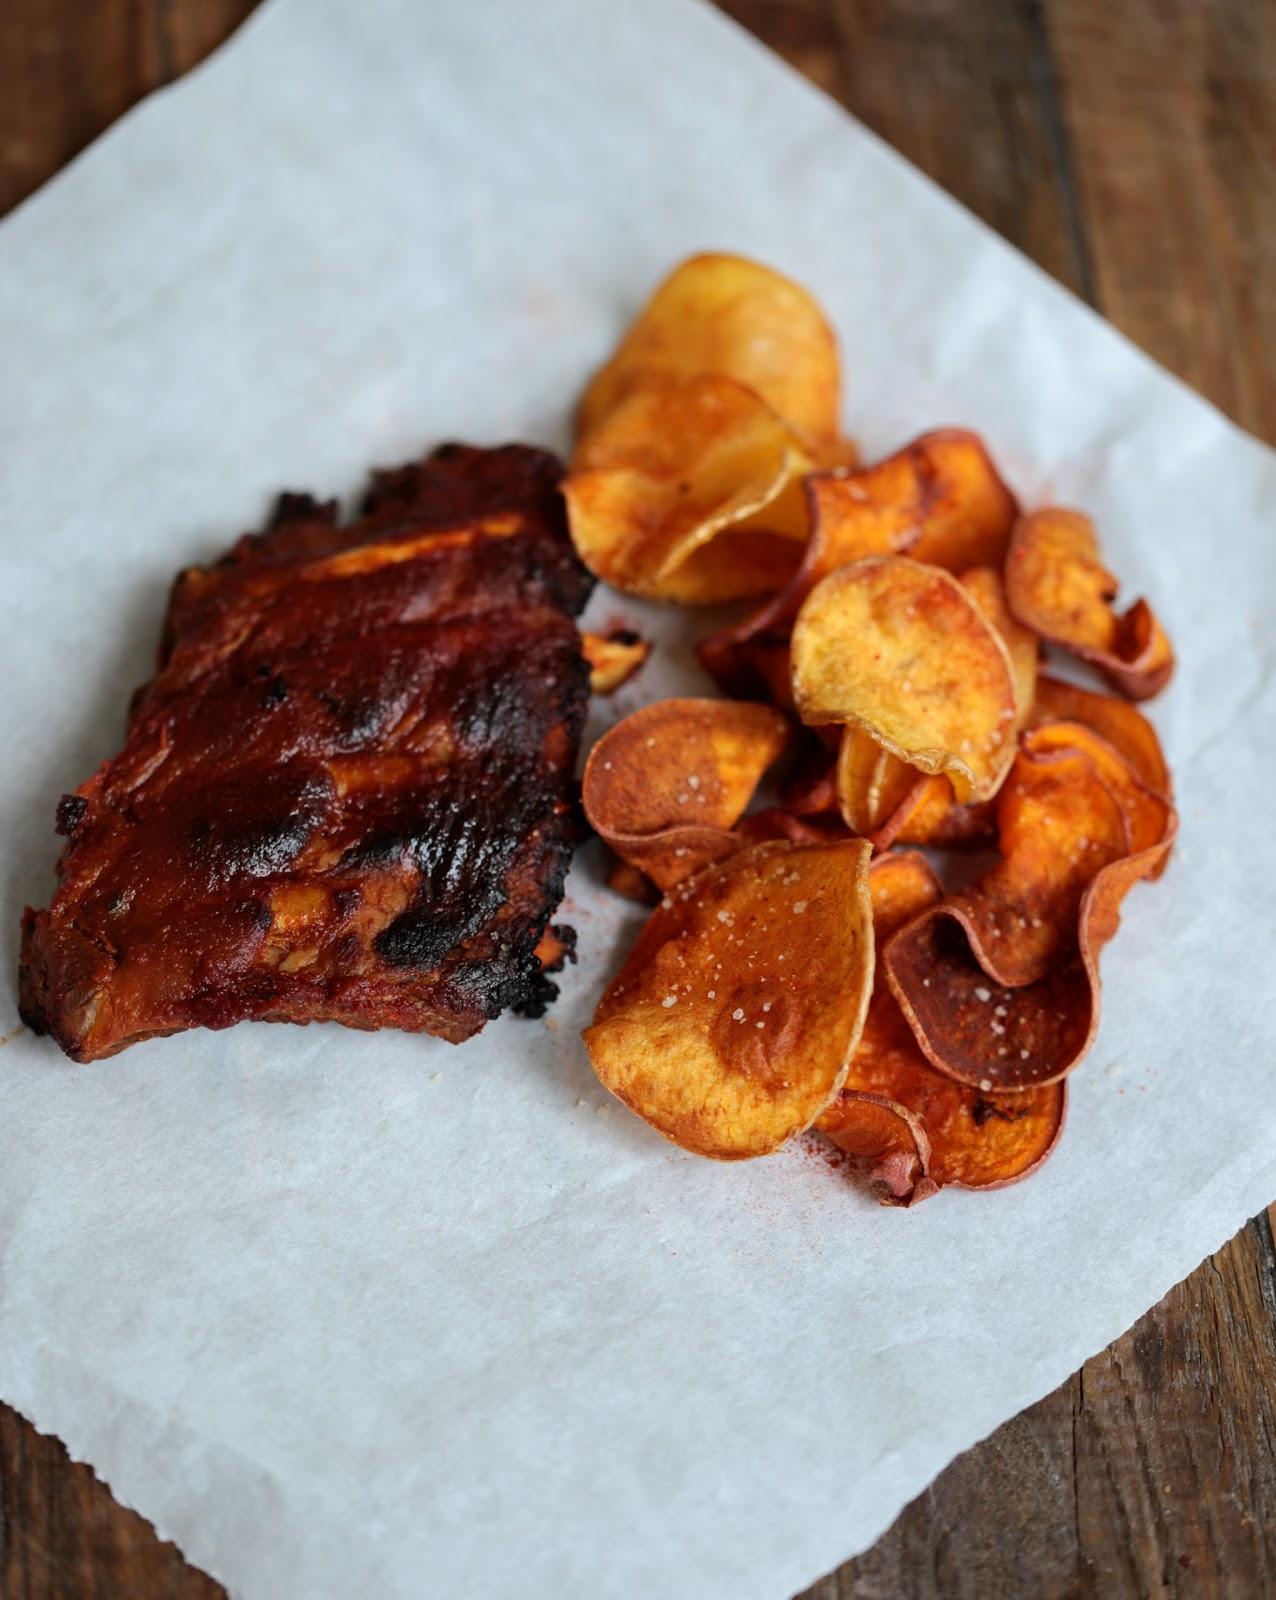 on dine chez nanou travers de porc bbq et chips de patates douces recette de donna hay. Black Bedroom Furniture Sets. Home Design Ideas